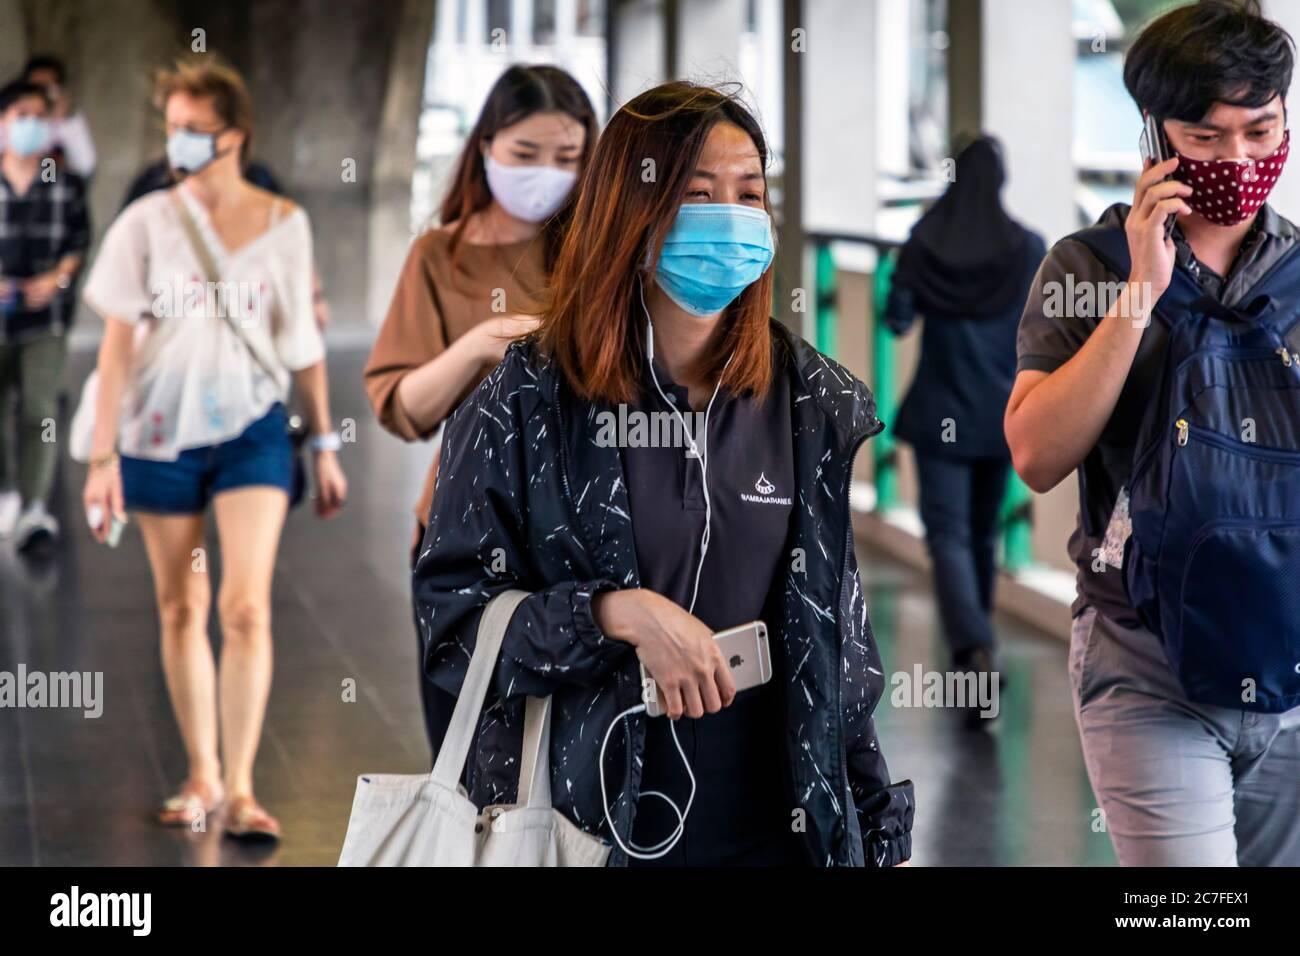 Fußgänger tragen Gesichtsmaske mit Handy während covid 19 Pandemie, Bangkok, Thailand Stockfoto